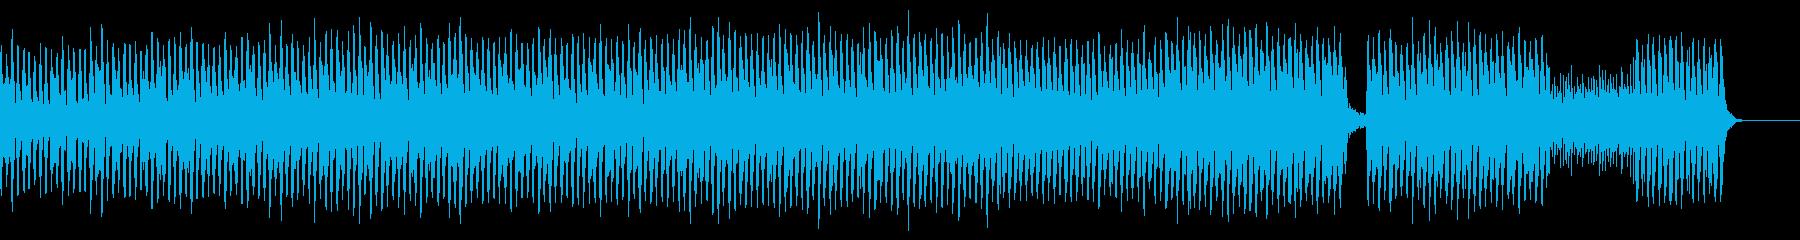 琴 春 コミカル 忍者 ハードコアテクノの再生済みの波形